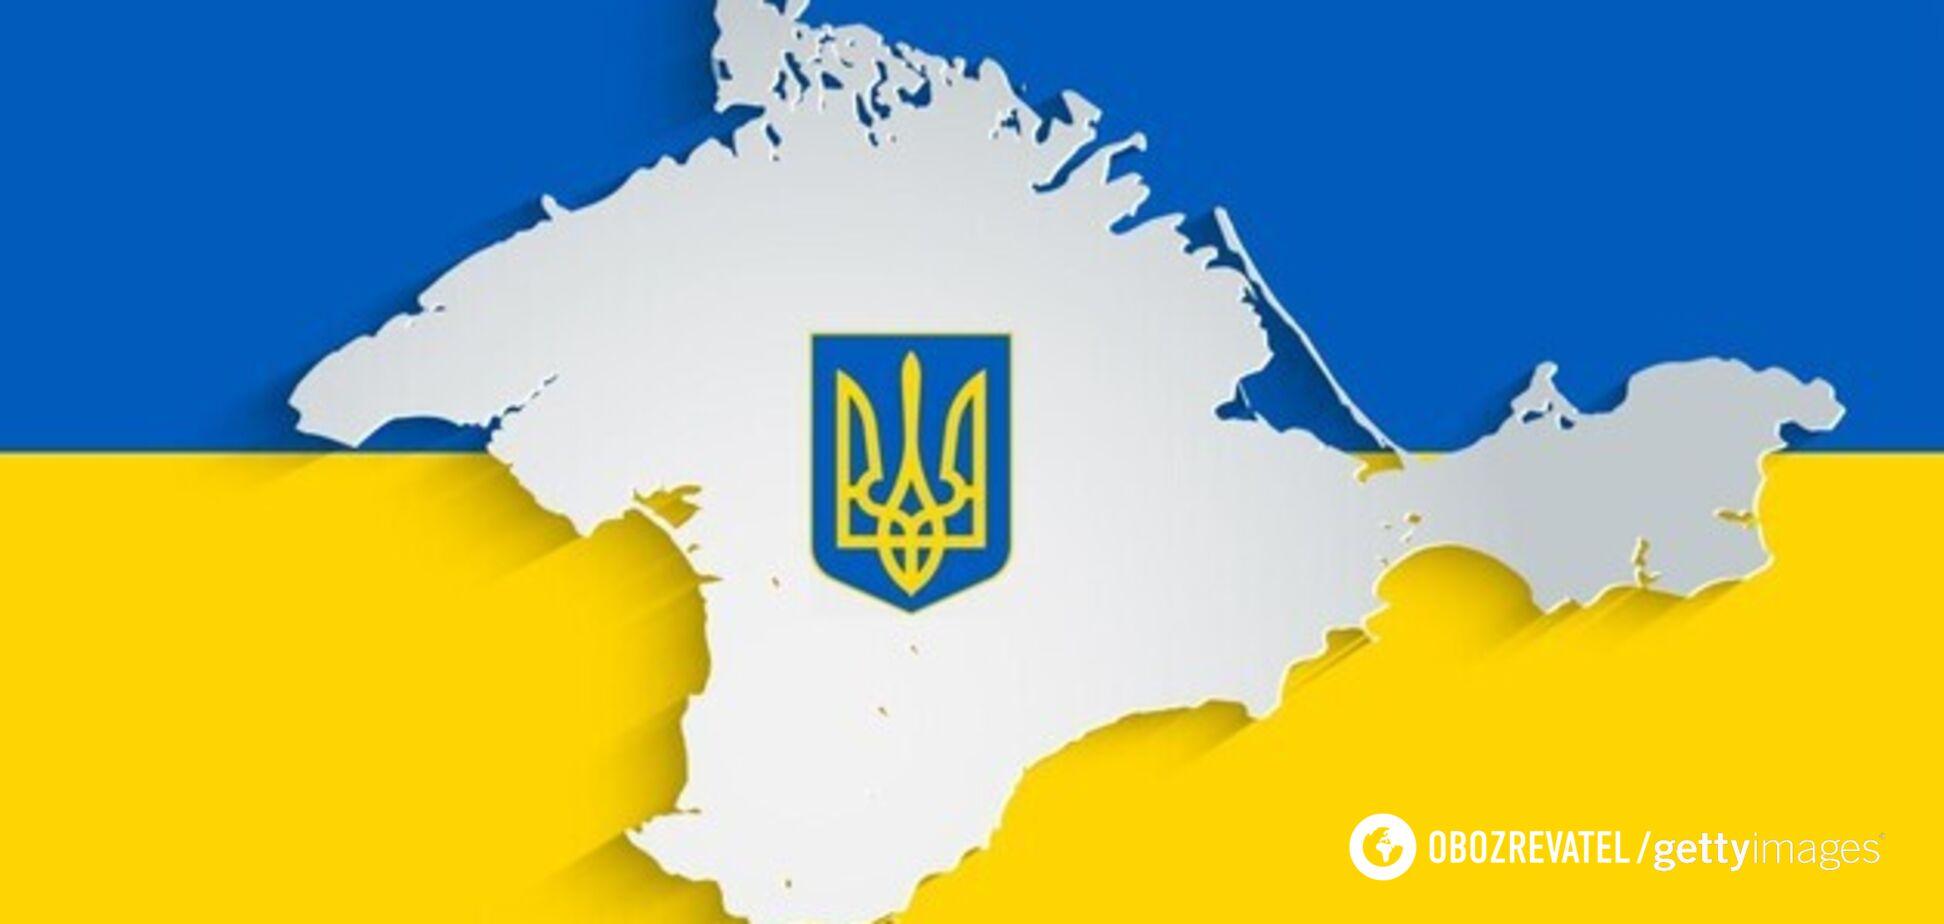 Новости Крымнаша. В России прекрасно знают, чей Крым. И он точно не российский